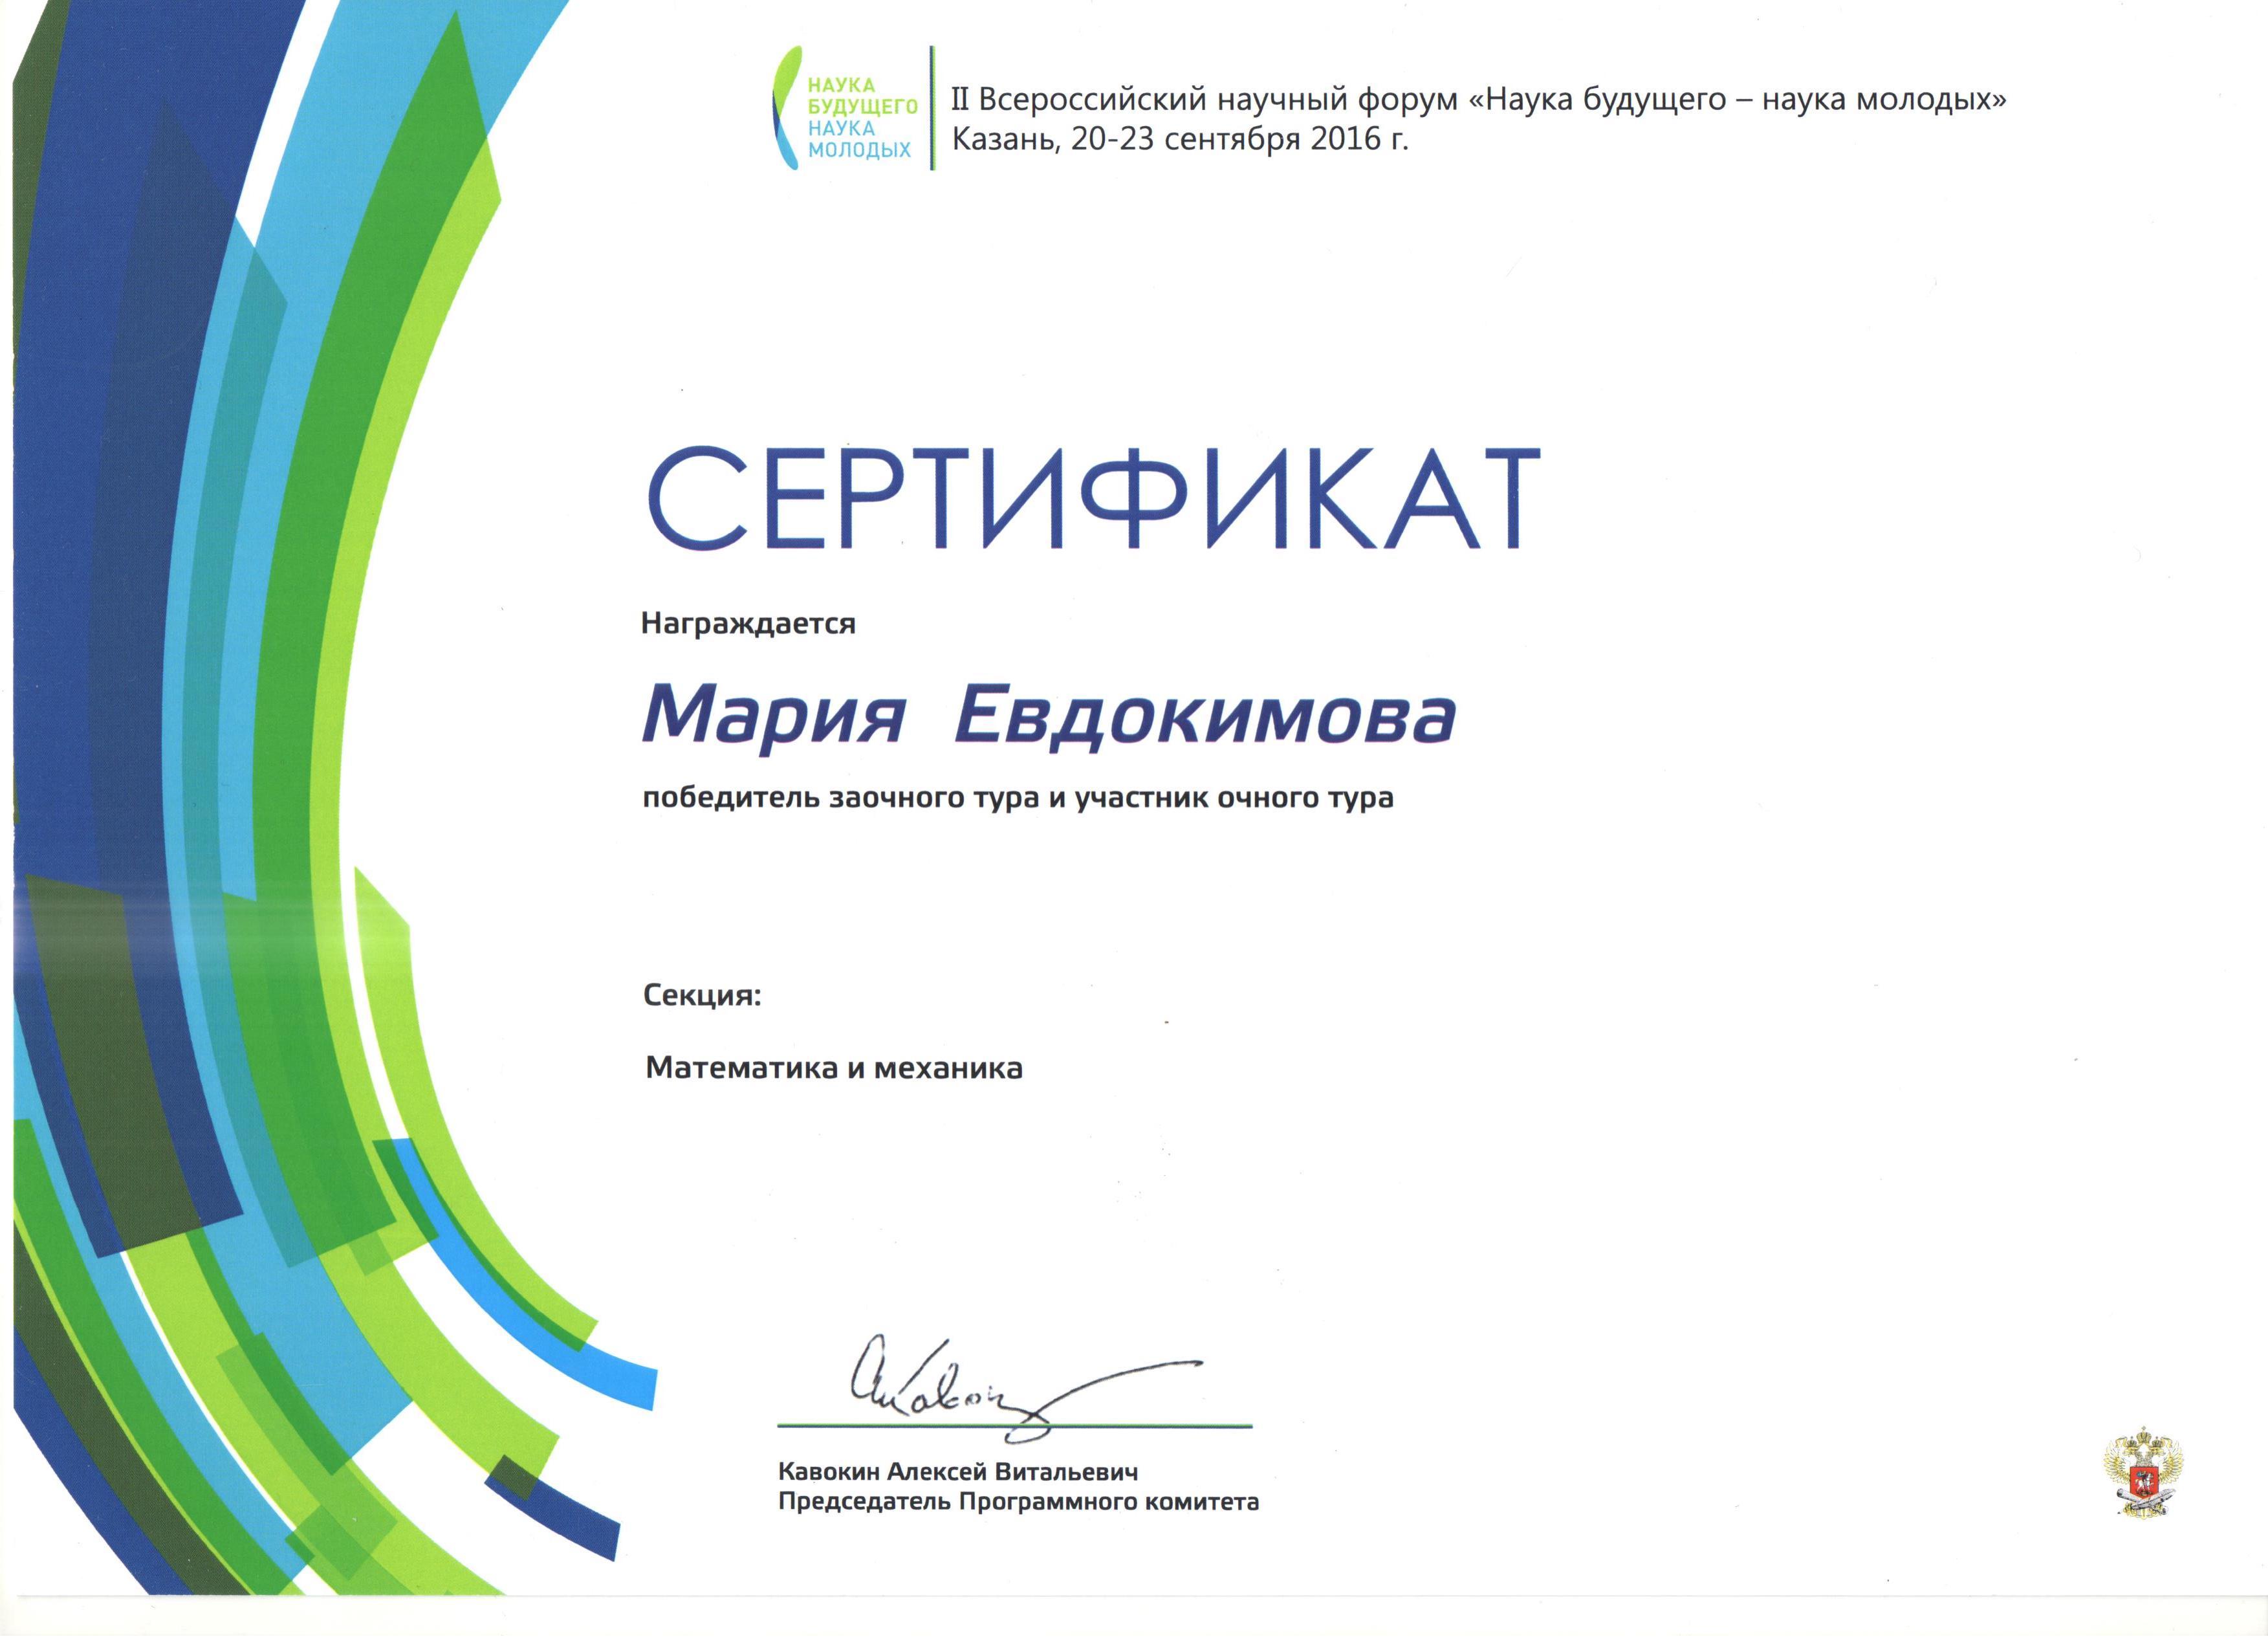 Кафедра Математическая кибернетика МАИ Наши награды Сертификат победителя заочного тура и участника очного тура